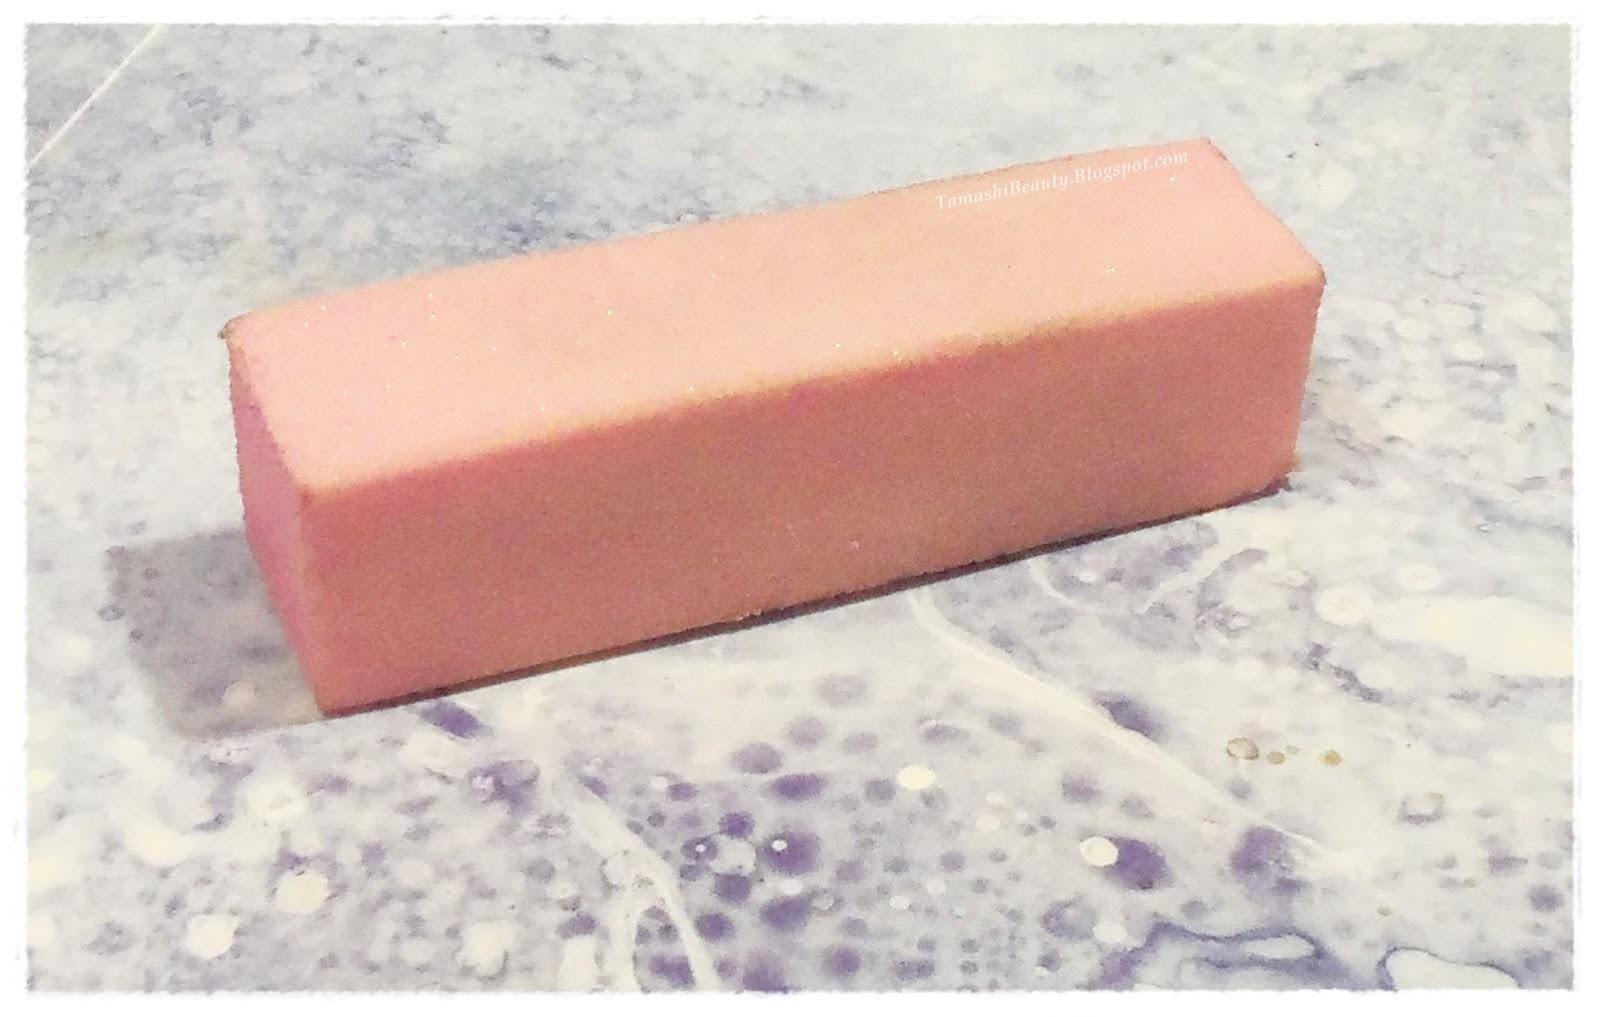 Tamashi Beauty: DIY Errores en las uñas de gel -Trucos y consejos ...